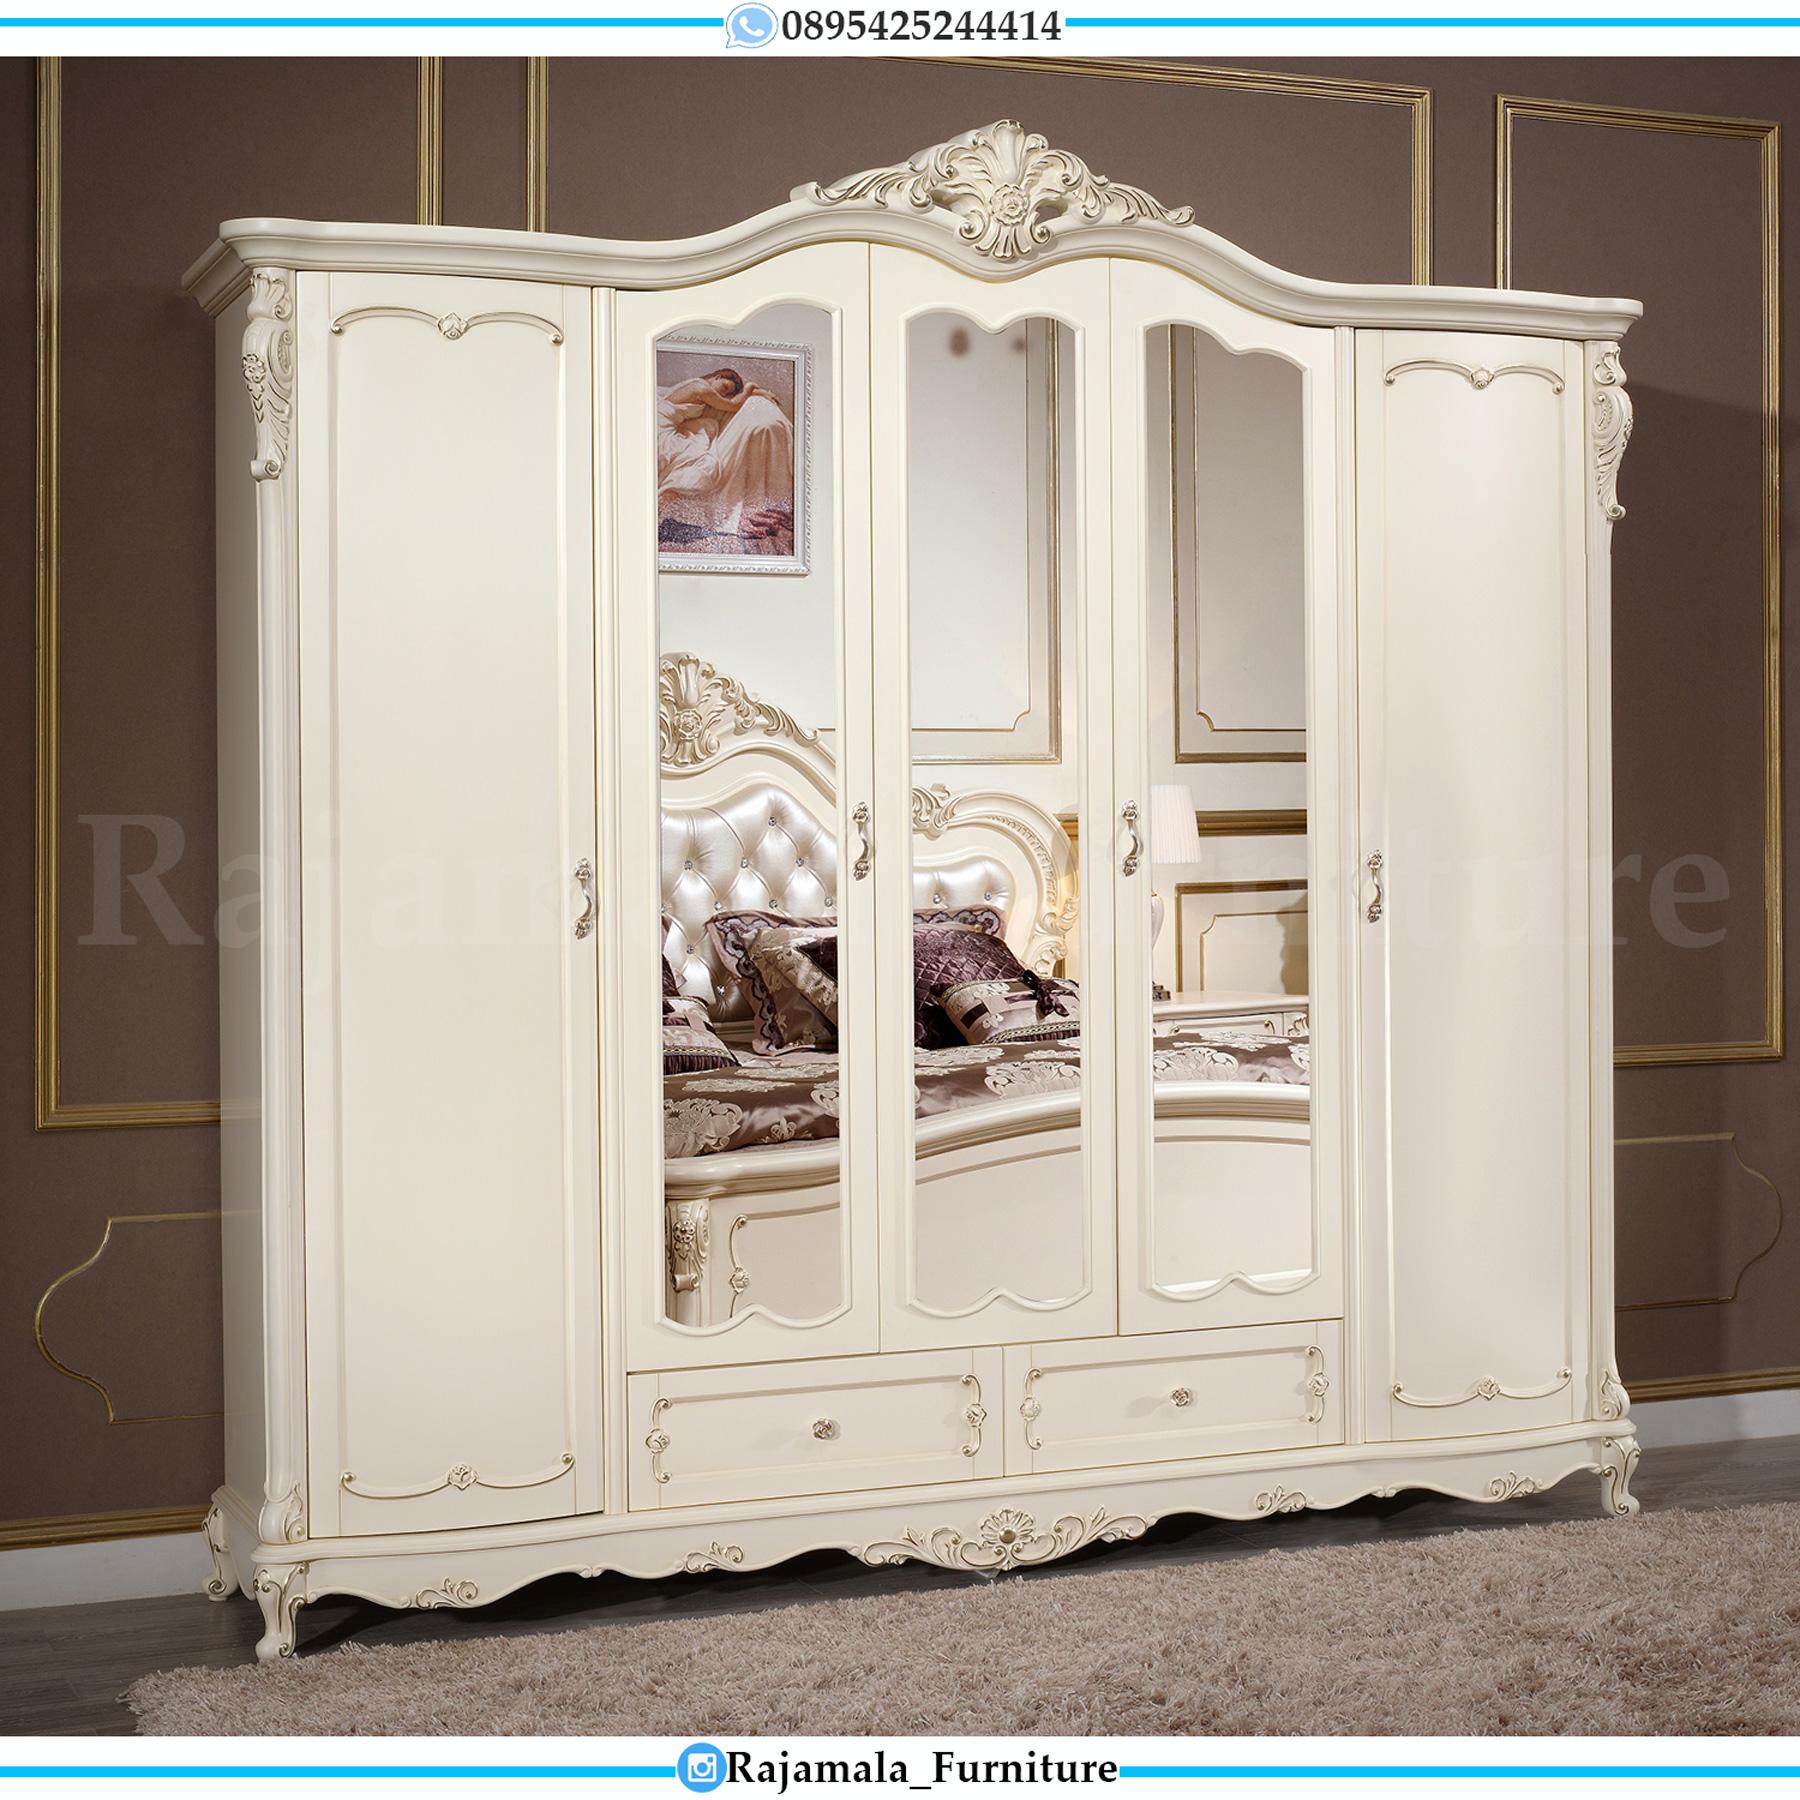 Lemari Pakaian Mewah Luxury Carving Furniture Jepara Terbaru RM-0169